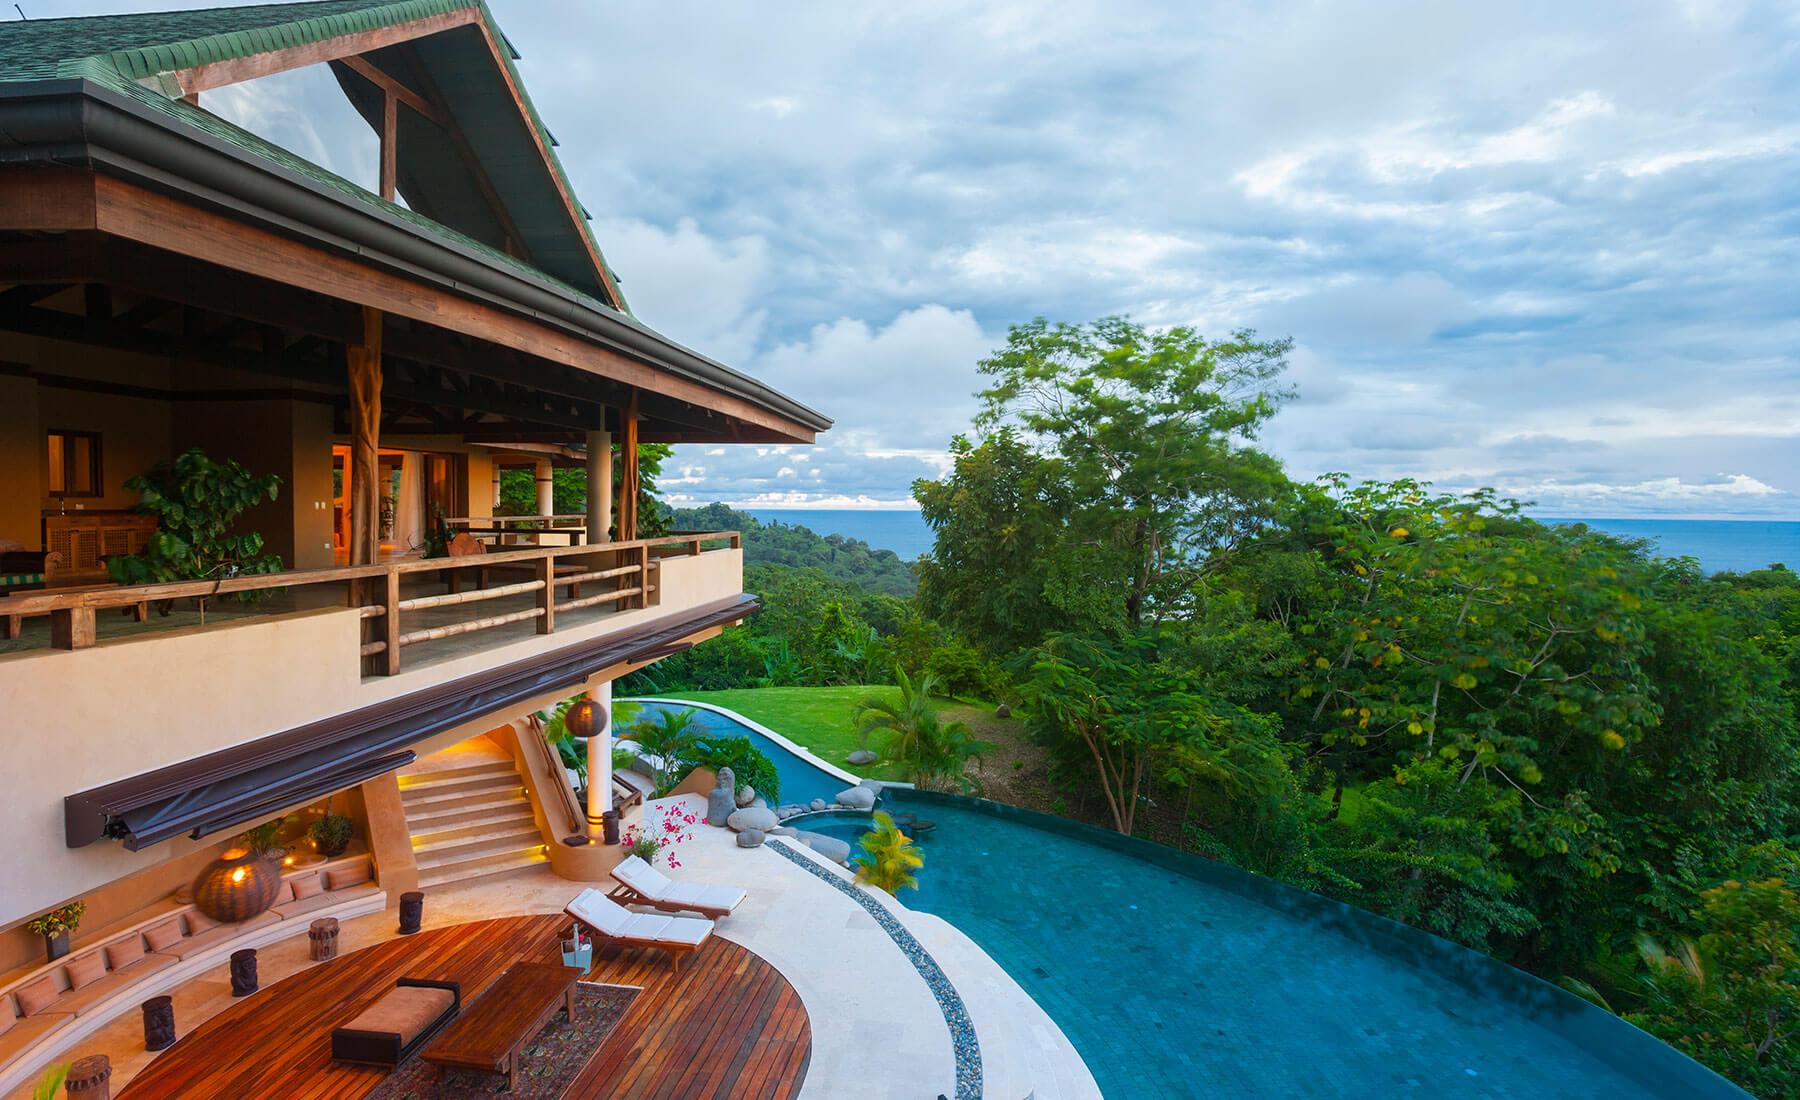 costa rica private villa pool